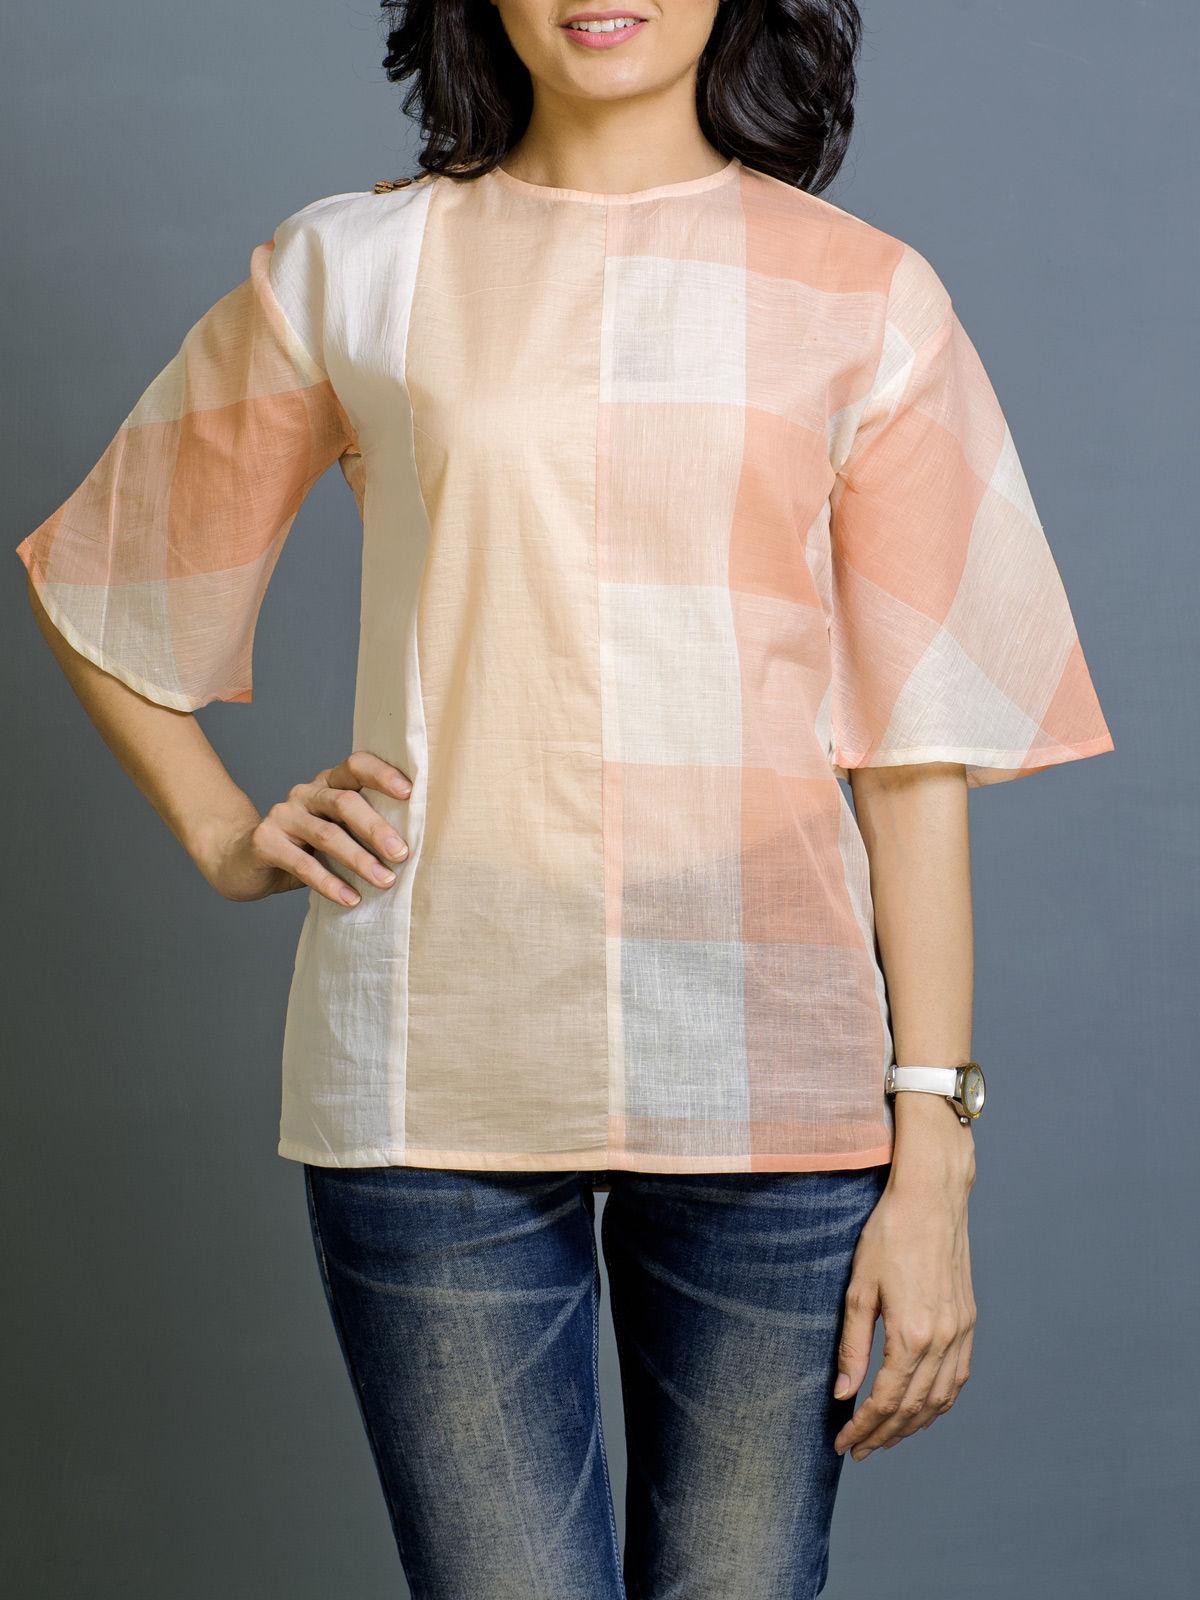 Vanilla Blush Cotton Top